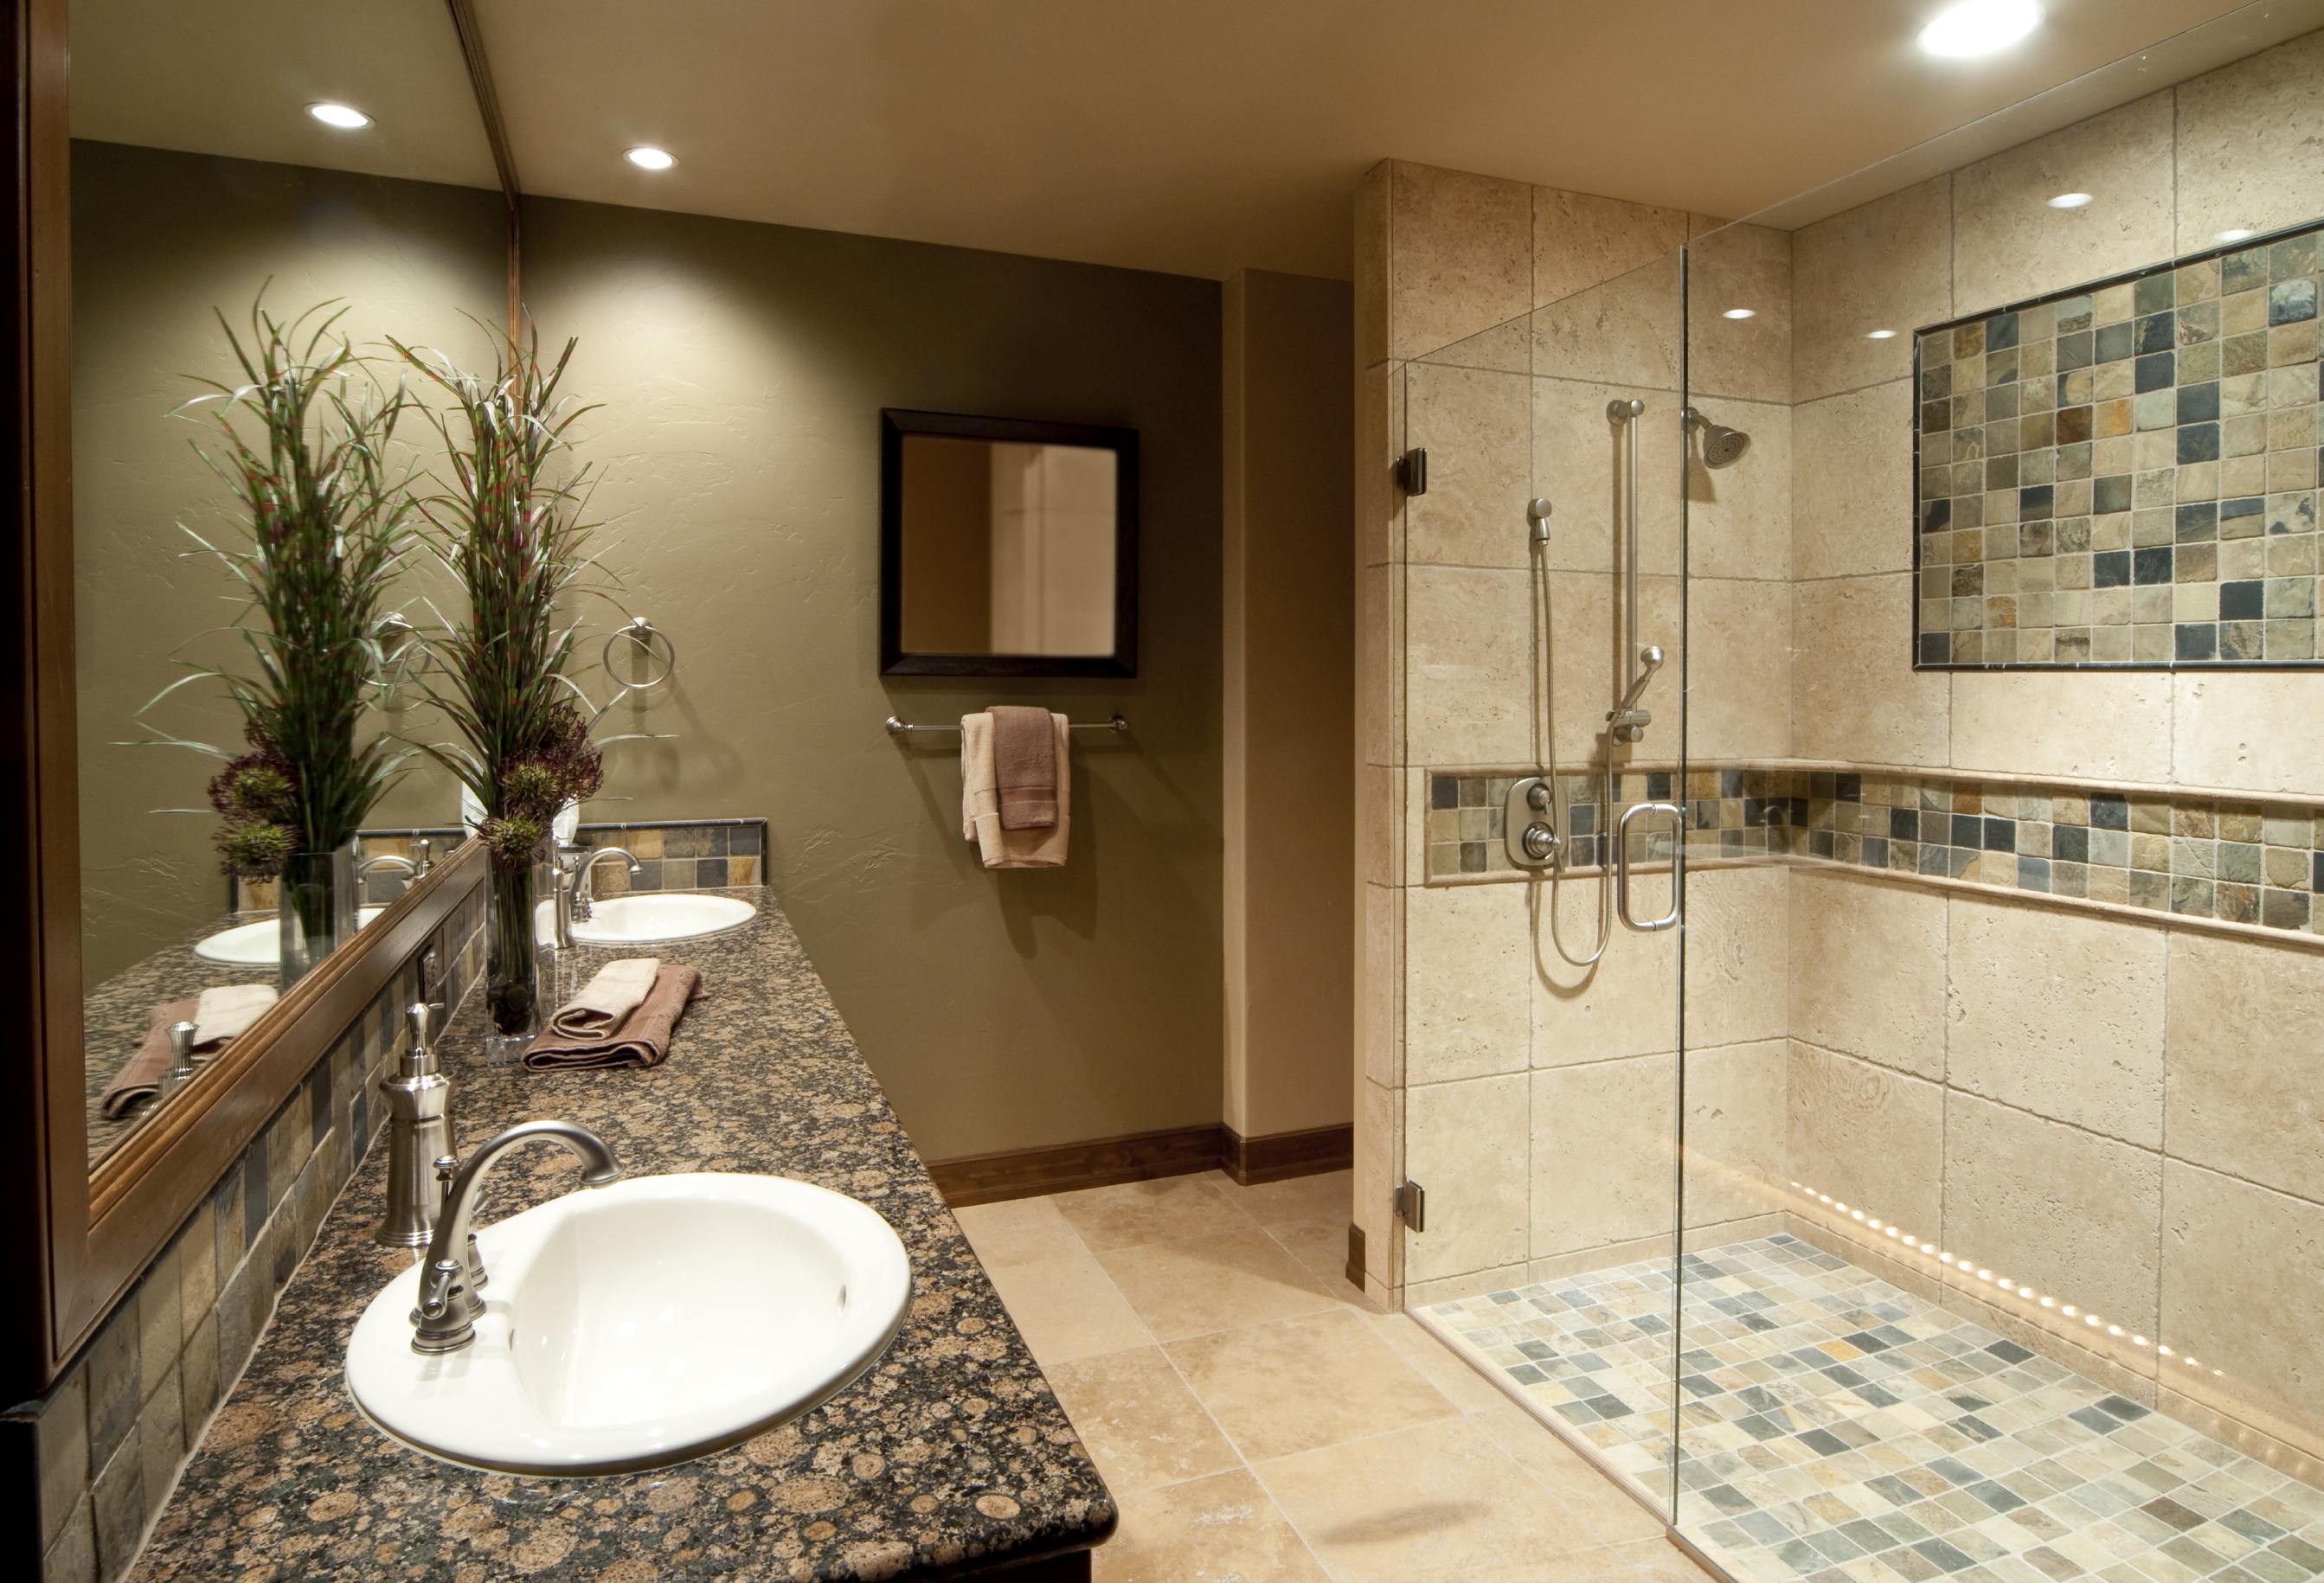 NOV13-Bathroom-remodeling-trends1